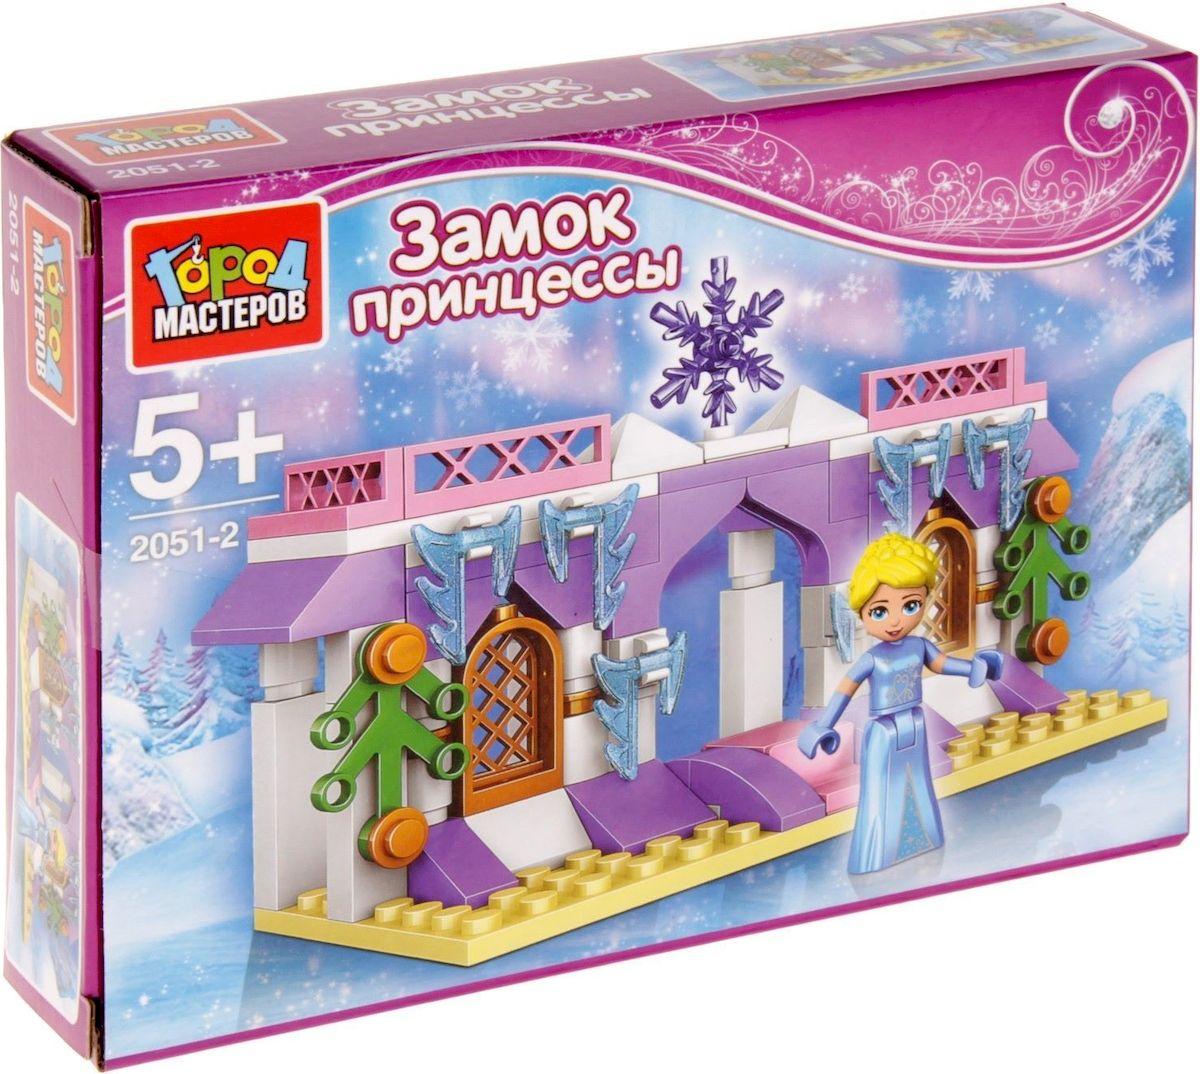 Город мастеров Конструктор Замок принцессы LL-2051-R_2051-2 barneybuddy barneybuddy игрушки для ванны стикеры замок принцессы